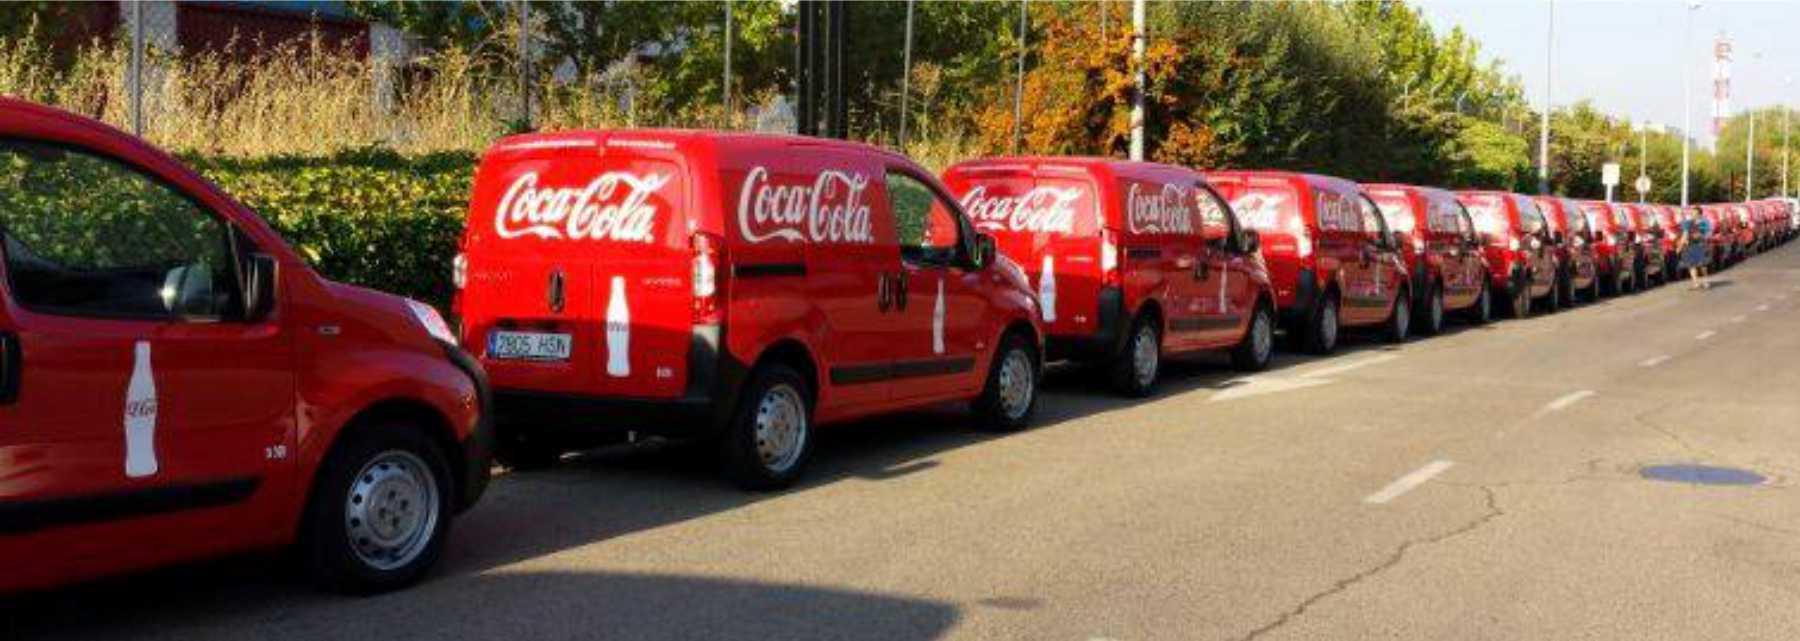 Rotulación Coca-Cola